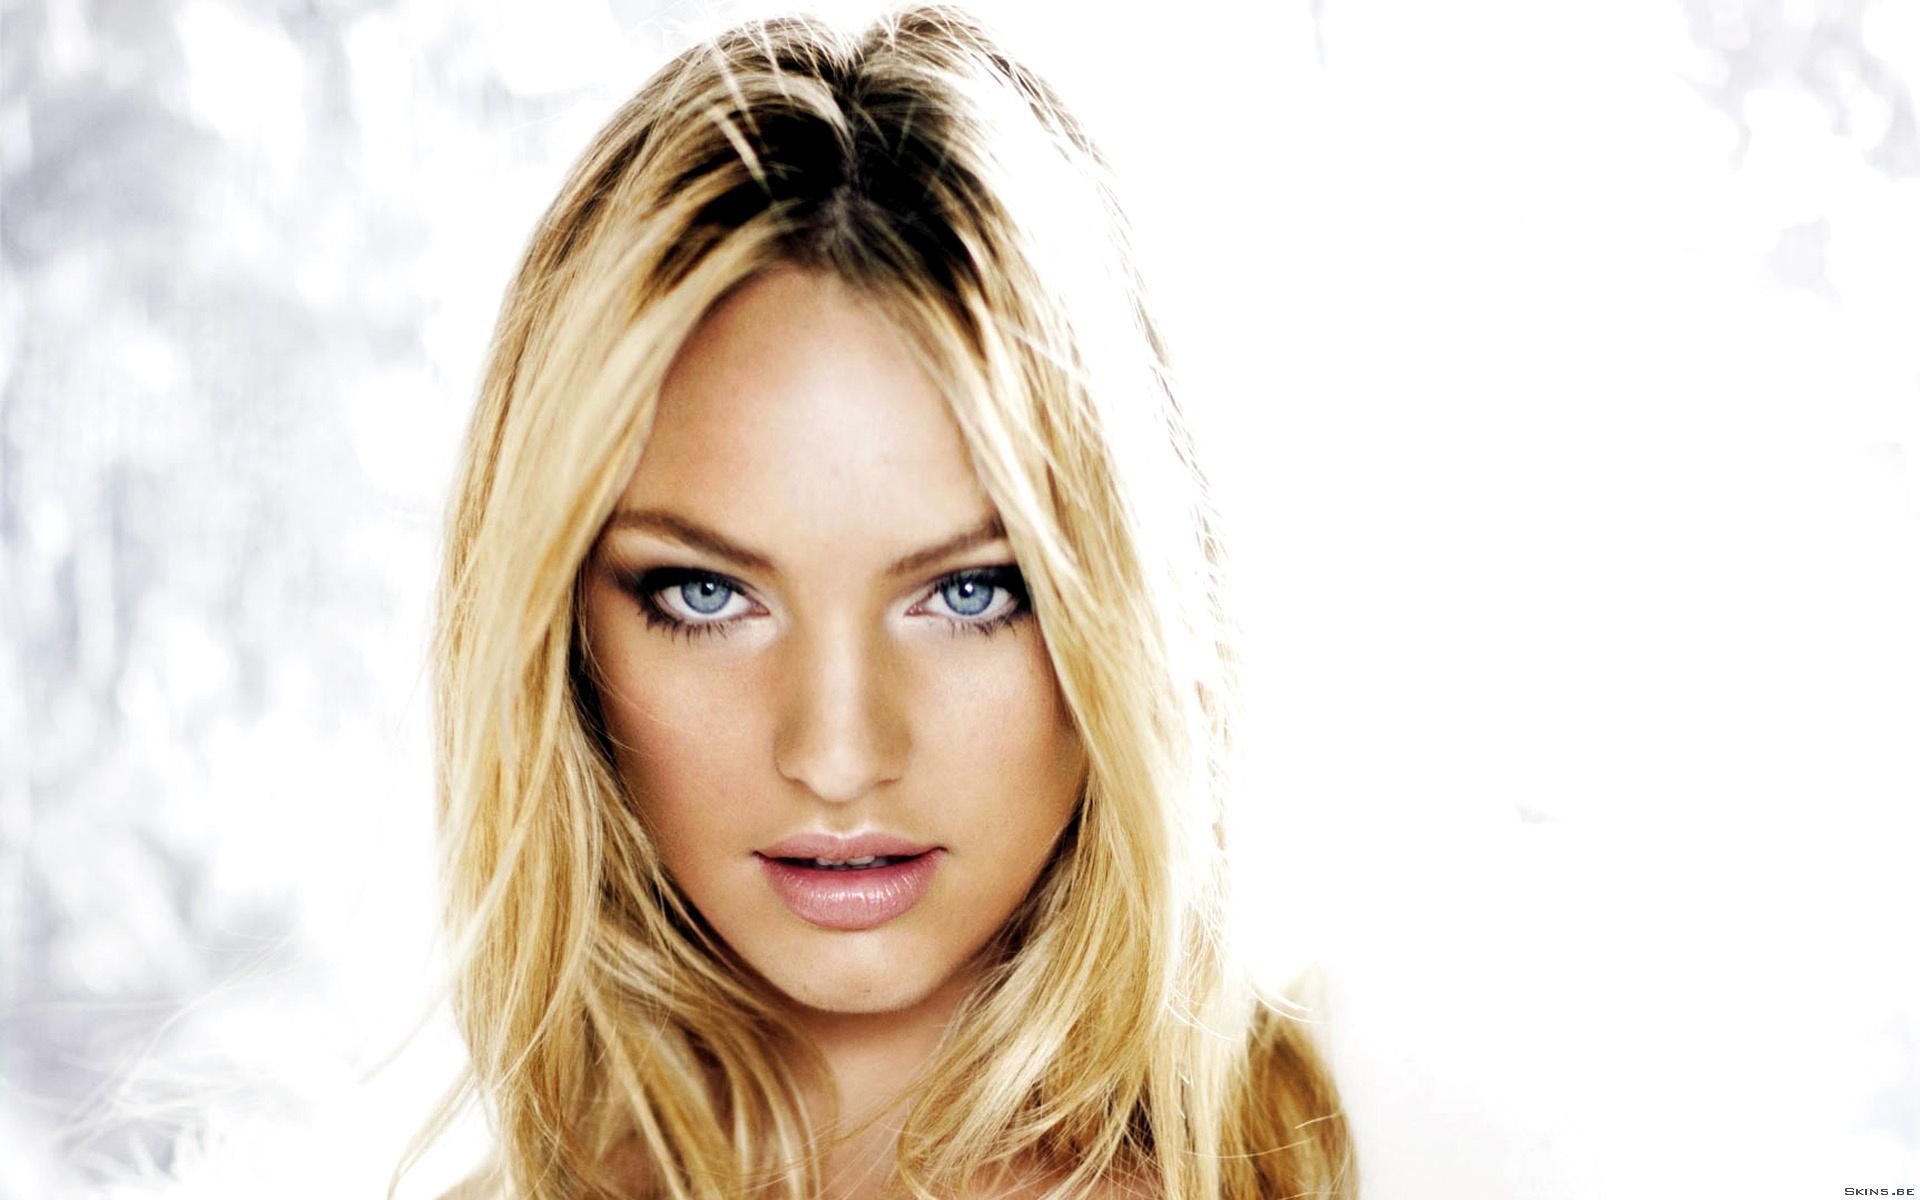 Фото, заставки, картинки на рабочий стол Блондинка с голубыми глазами.